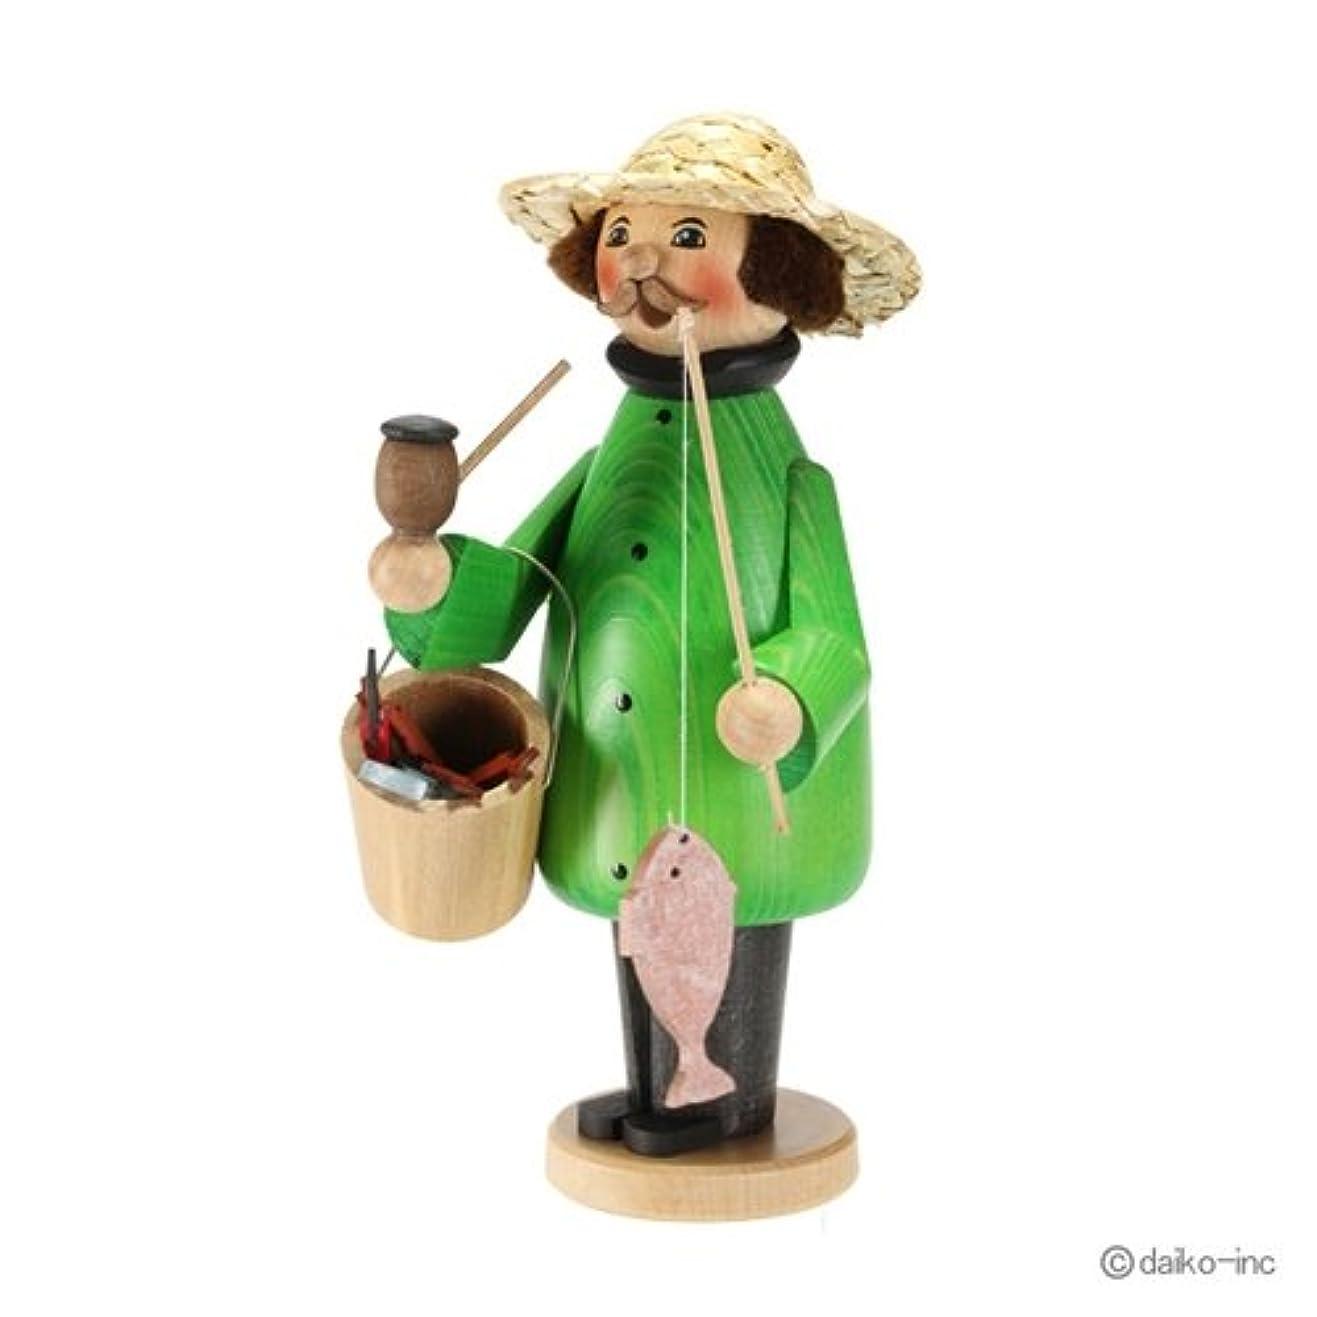 メトロポリタンピット弓クーネルト kuhnert ミニパイプ人形香炉 釣り人